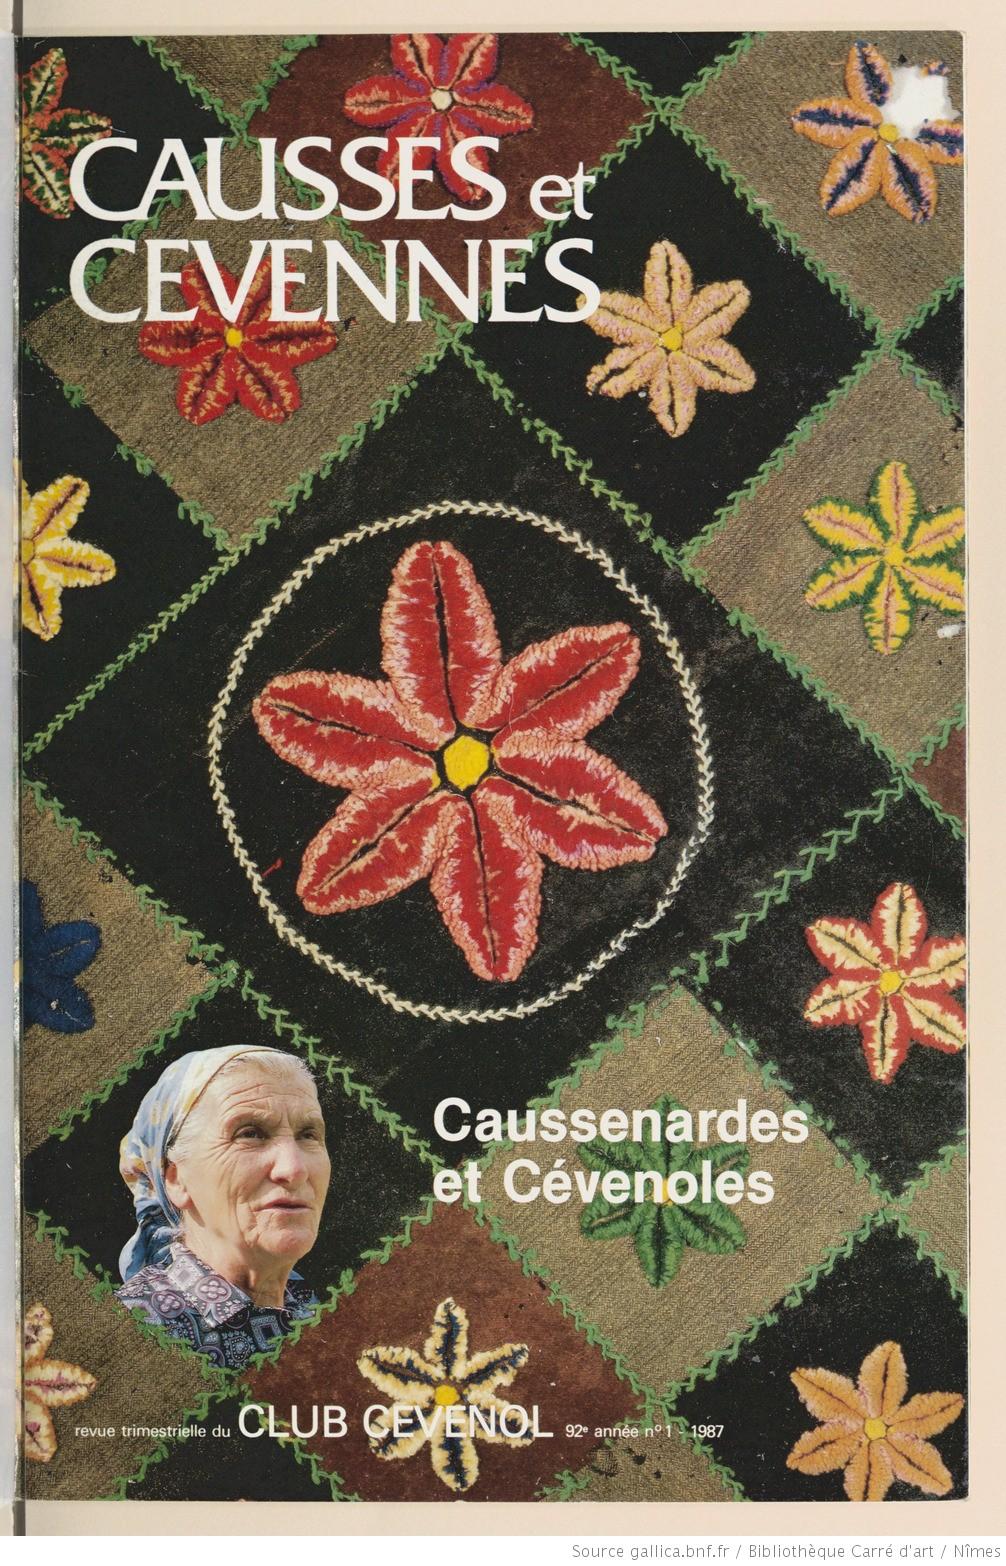 Causses et Cévennes, 1 tome XVI - janvier-février-mars 1987 - Bulletin N°1 tome XVI